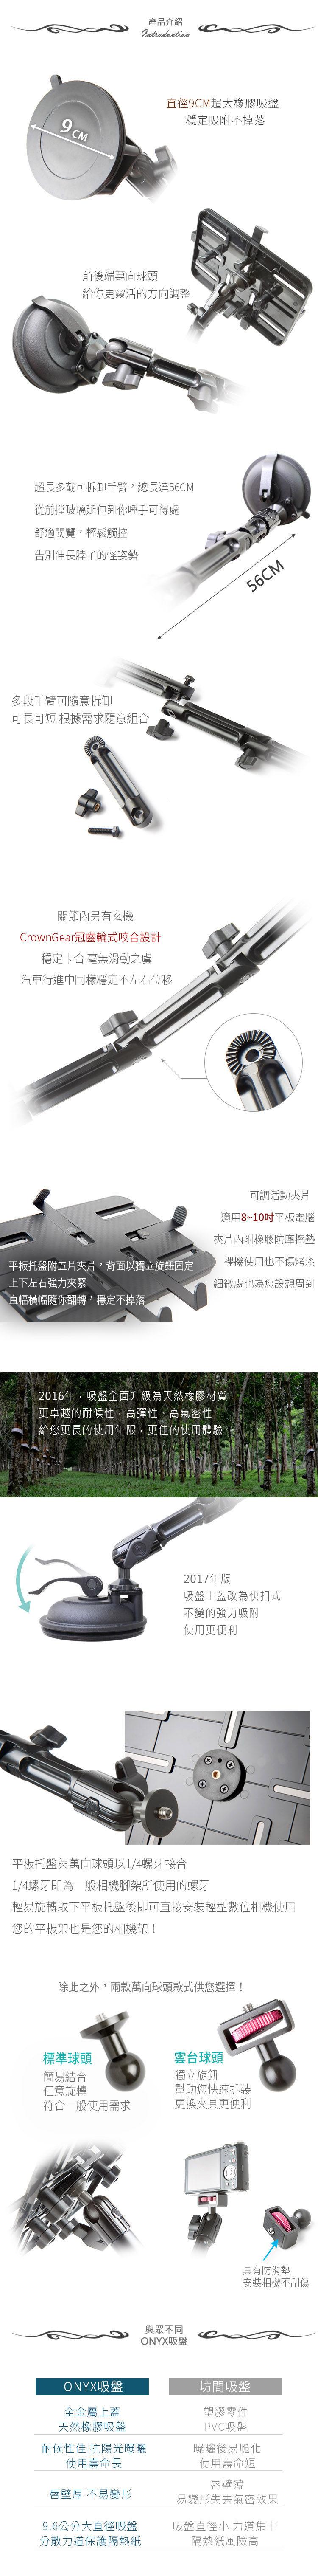 天然橡膠,更長的耐用年限。適用最大10.5吋的平板車架,超長支臂,天然橡膠